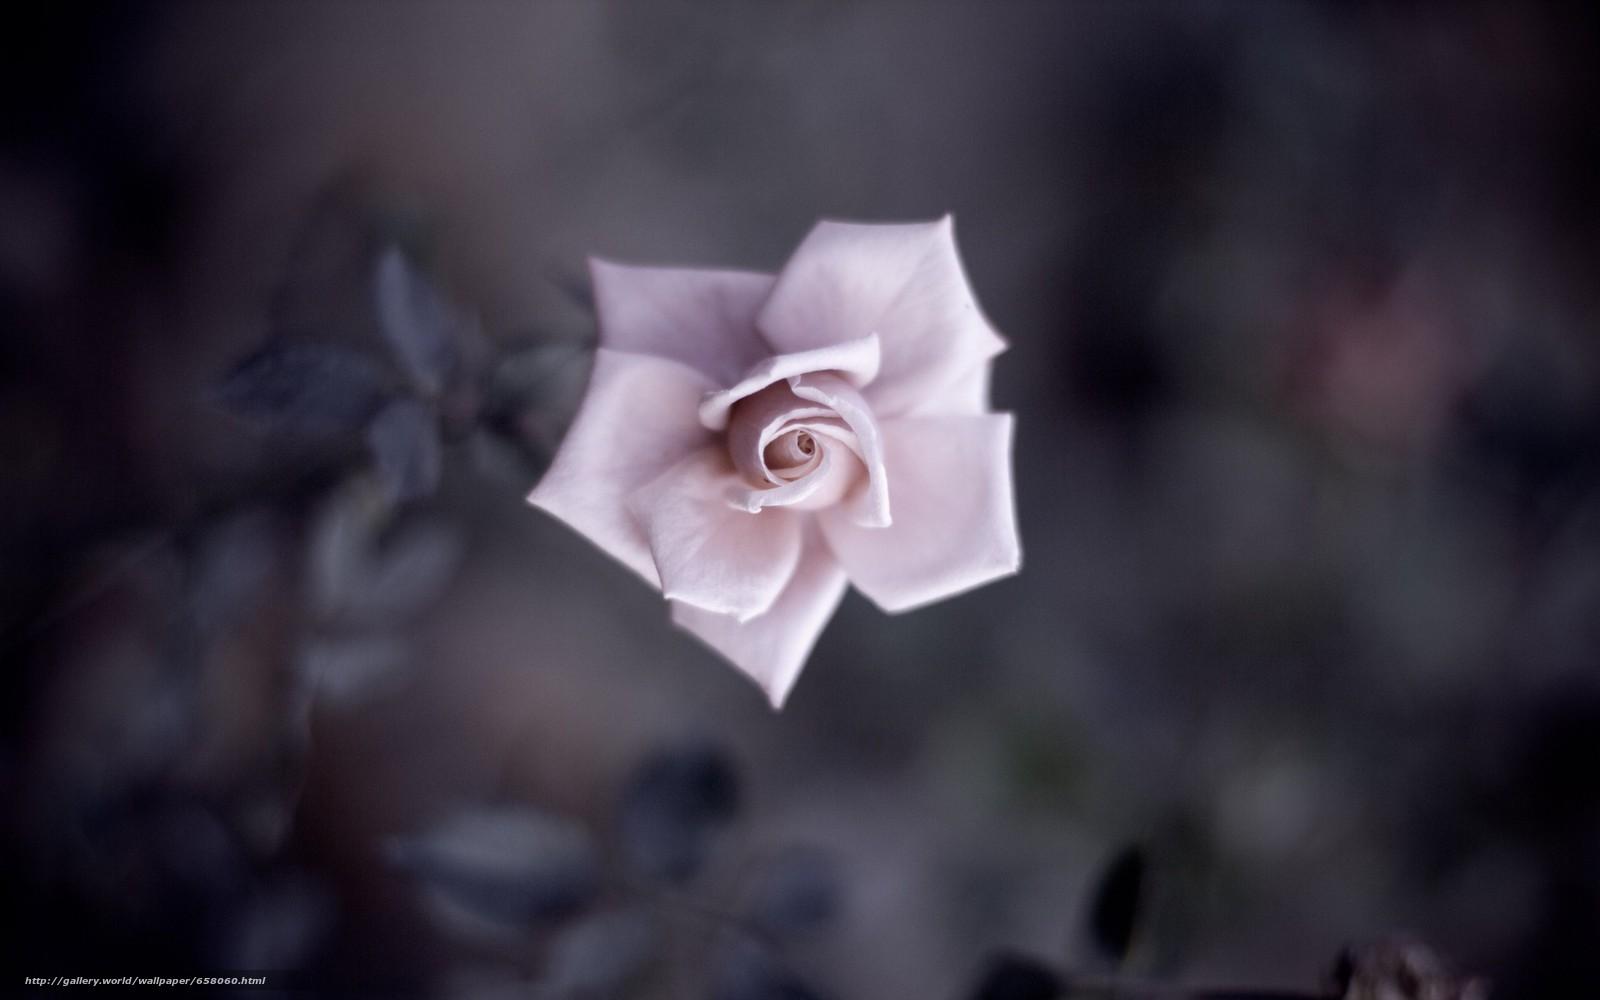 Tlcharger Fond d'ecran Fleurs,  fleur,  rose,  Roses Fonds d'ecran gratuits pour votre rsolution du bureau 2560x1600 — image №658060